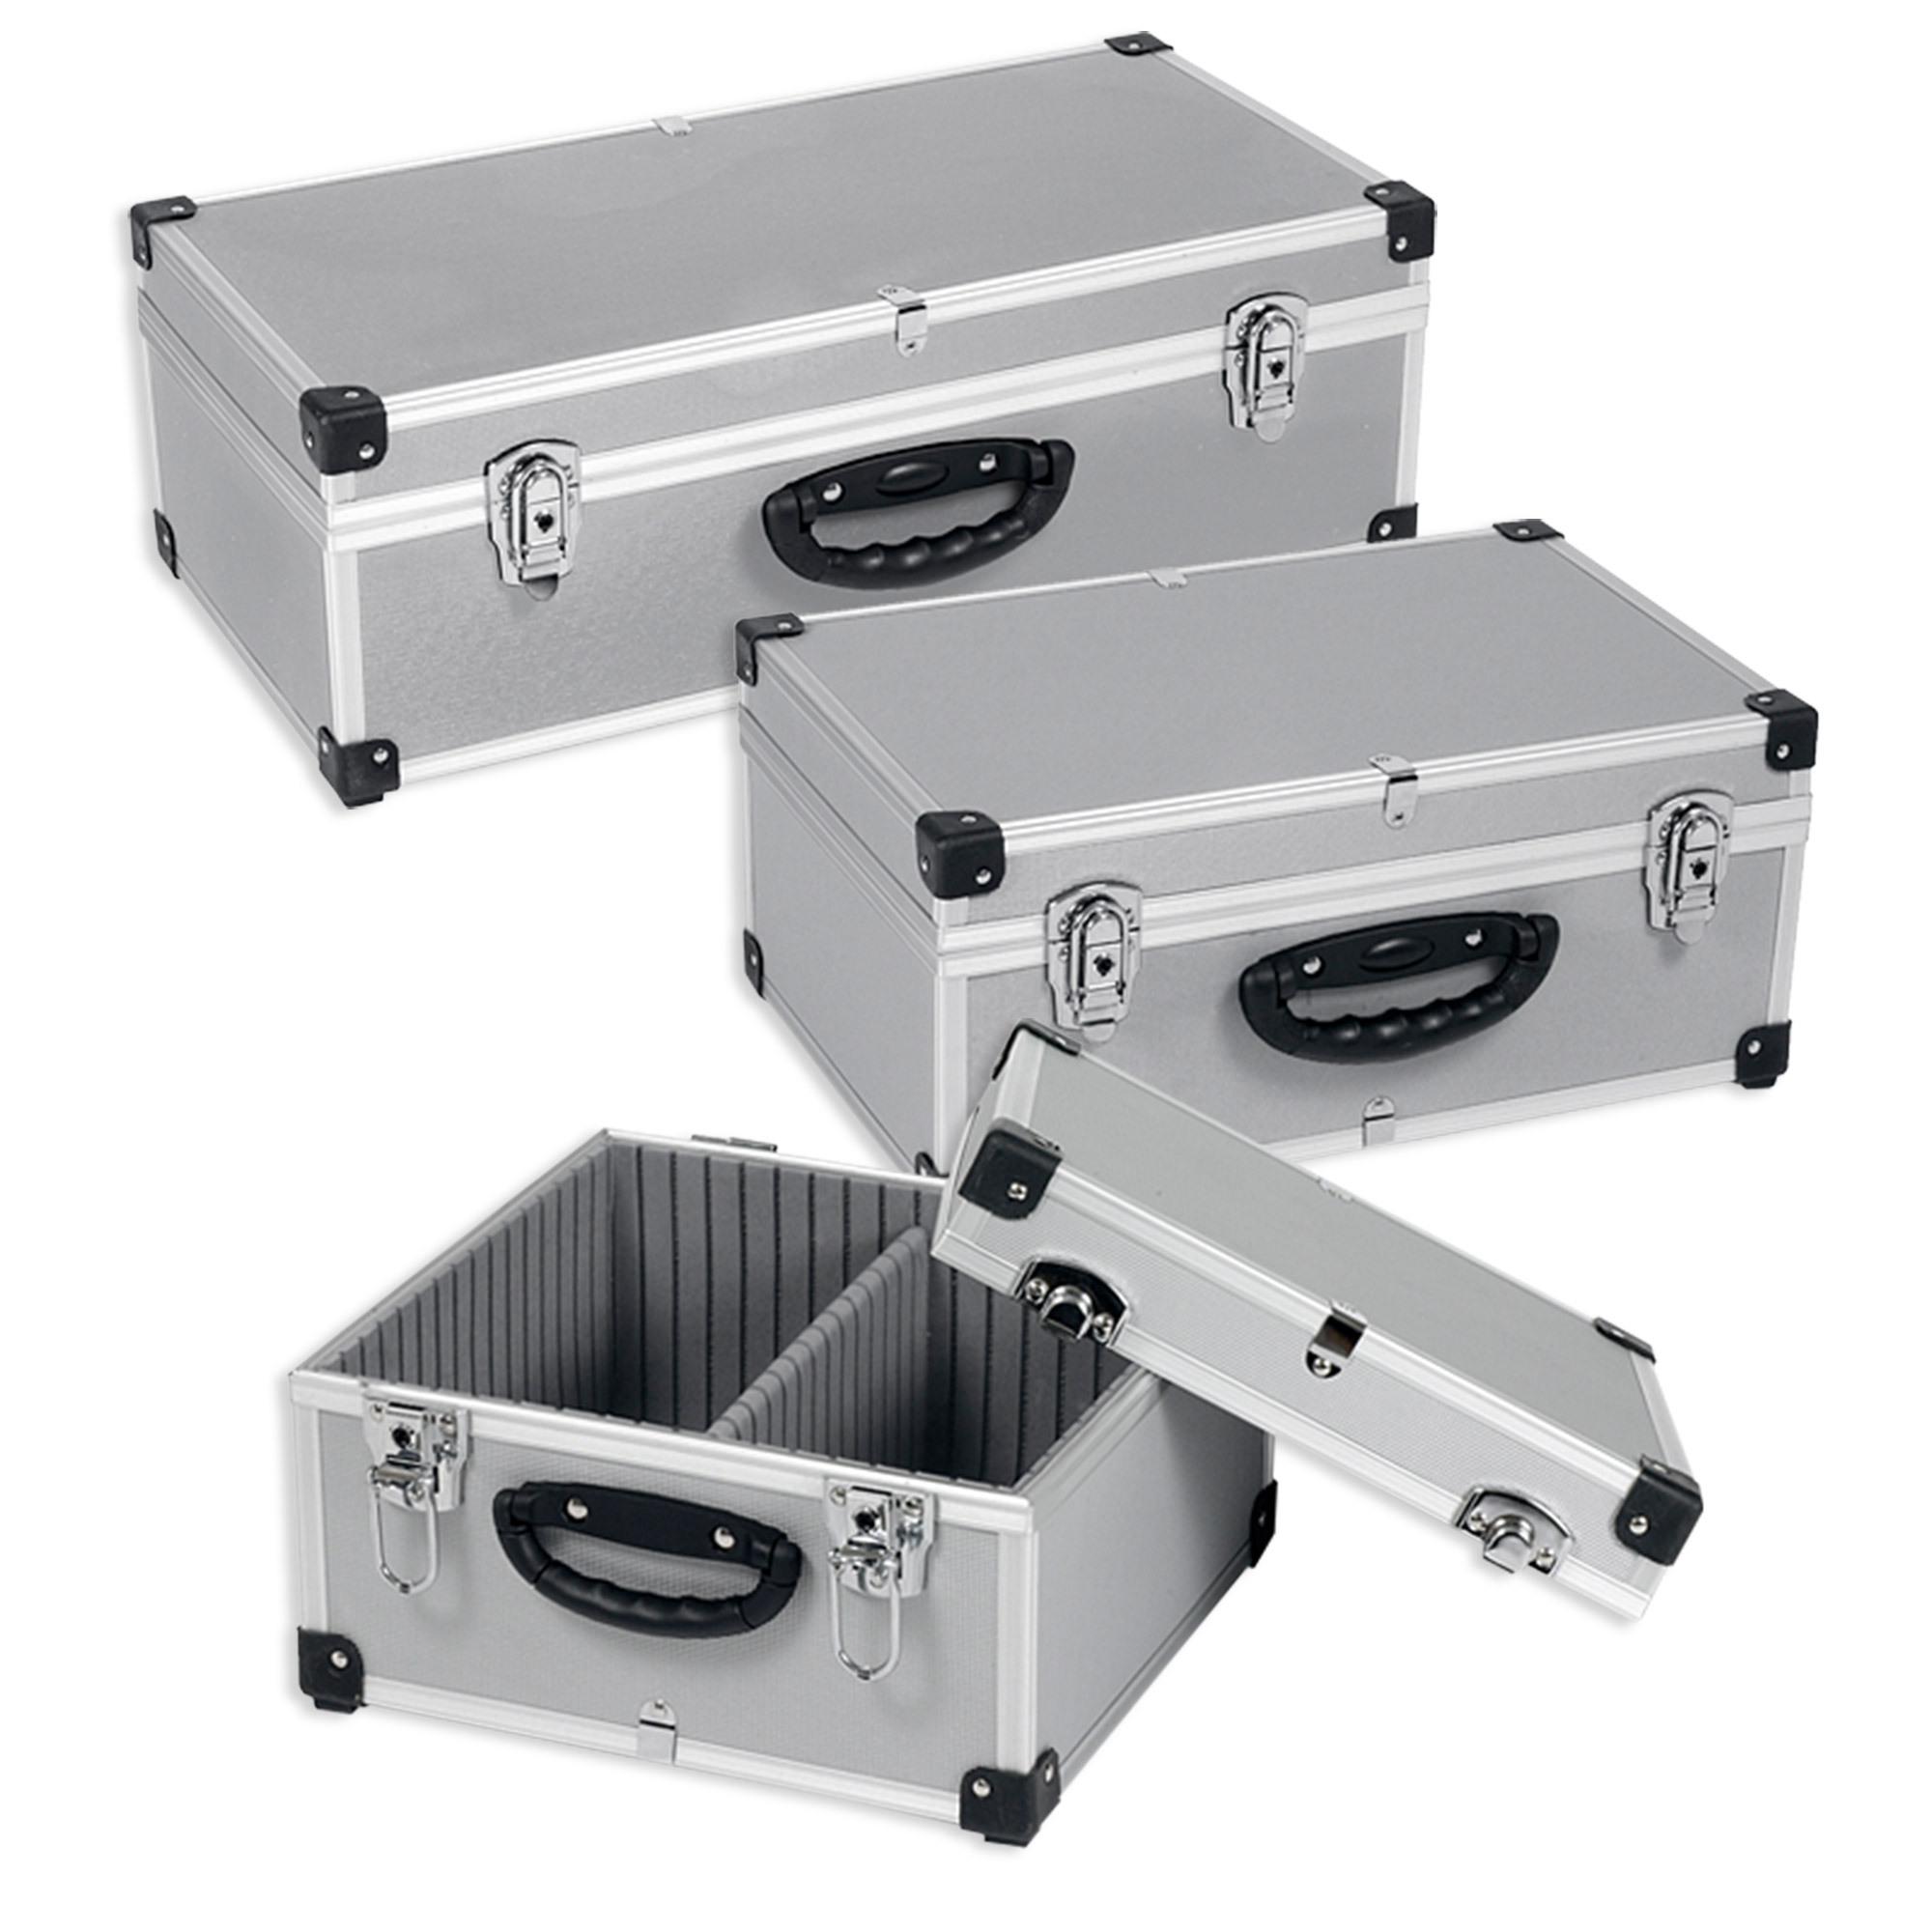 Neopren Lange Lebensdauer Dj Cd-koffer Alukoffer Für 60 Cds Mit Schlüssel Dj Case Box Innenraum Klein- & Hängeaufbewahrung